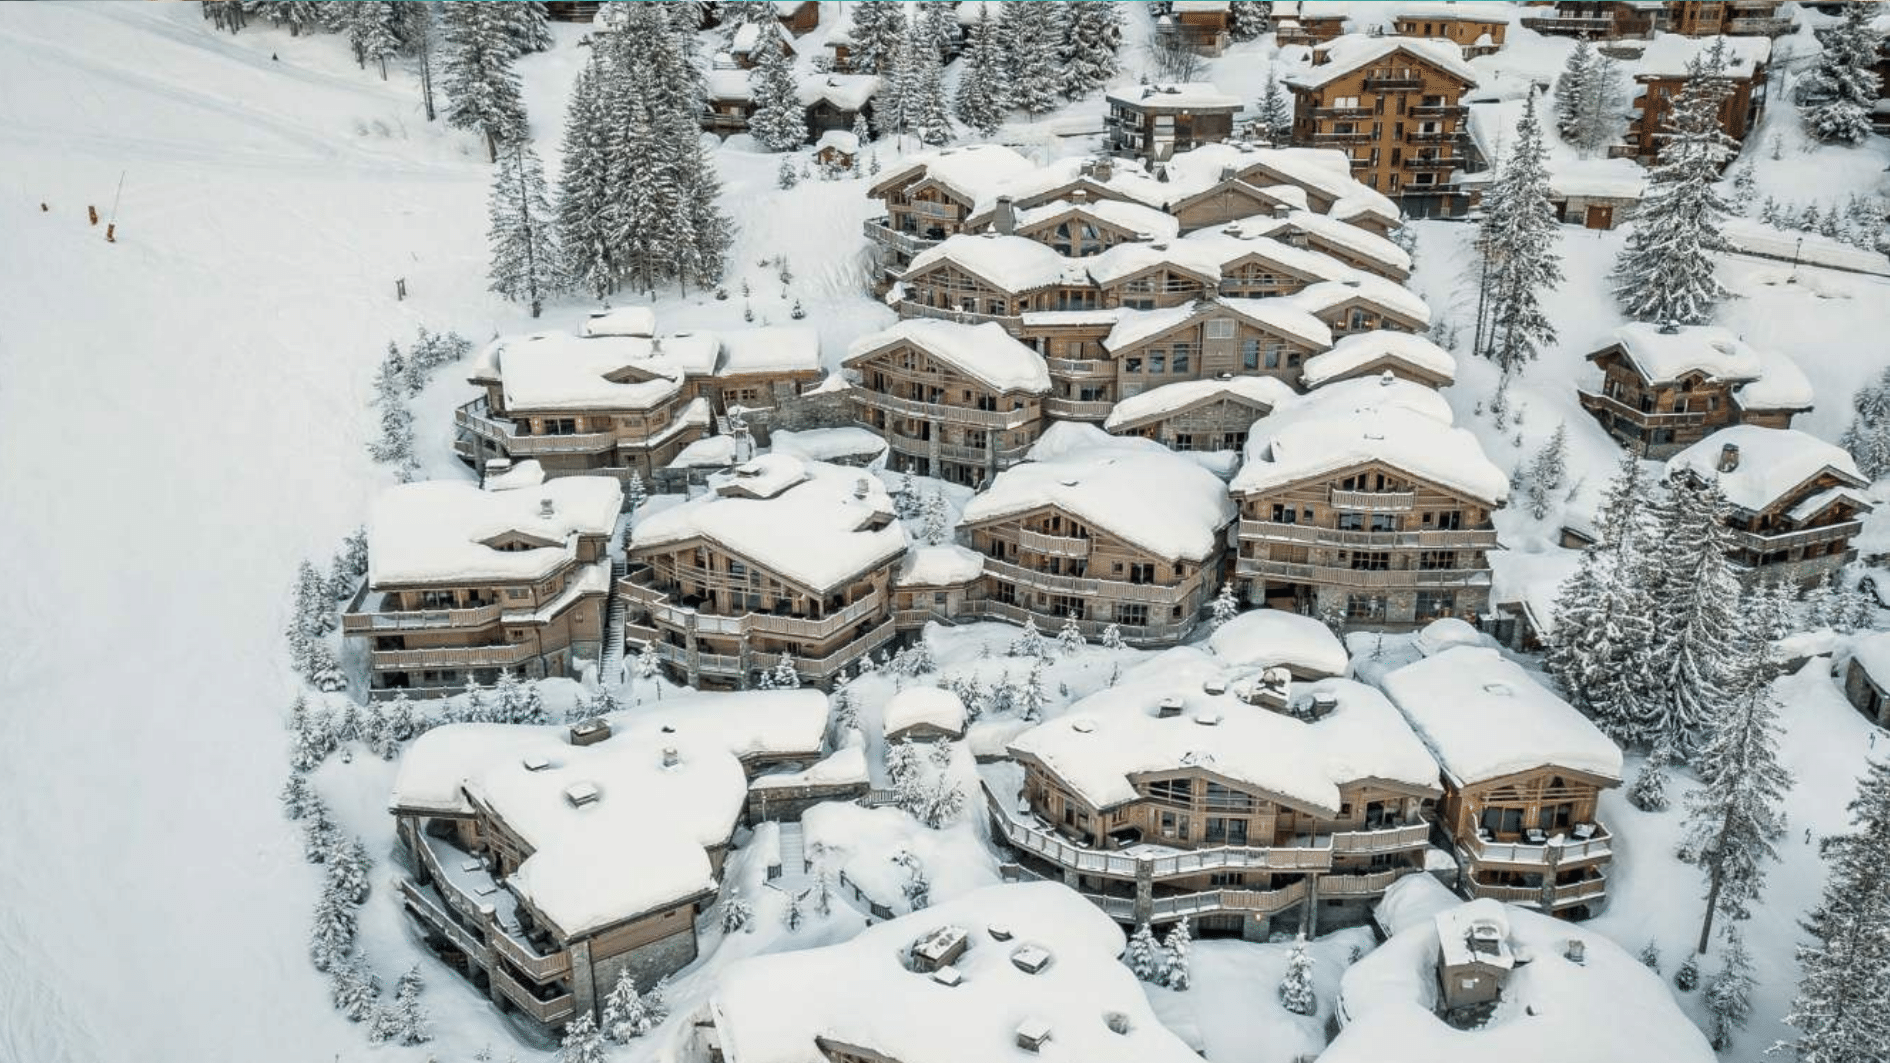 K2 Palace Courchevel · Alpes - Les 3 Vallées - Alpes